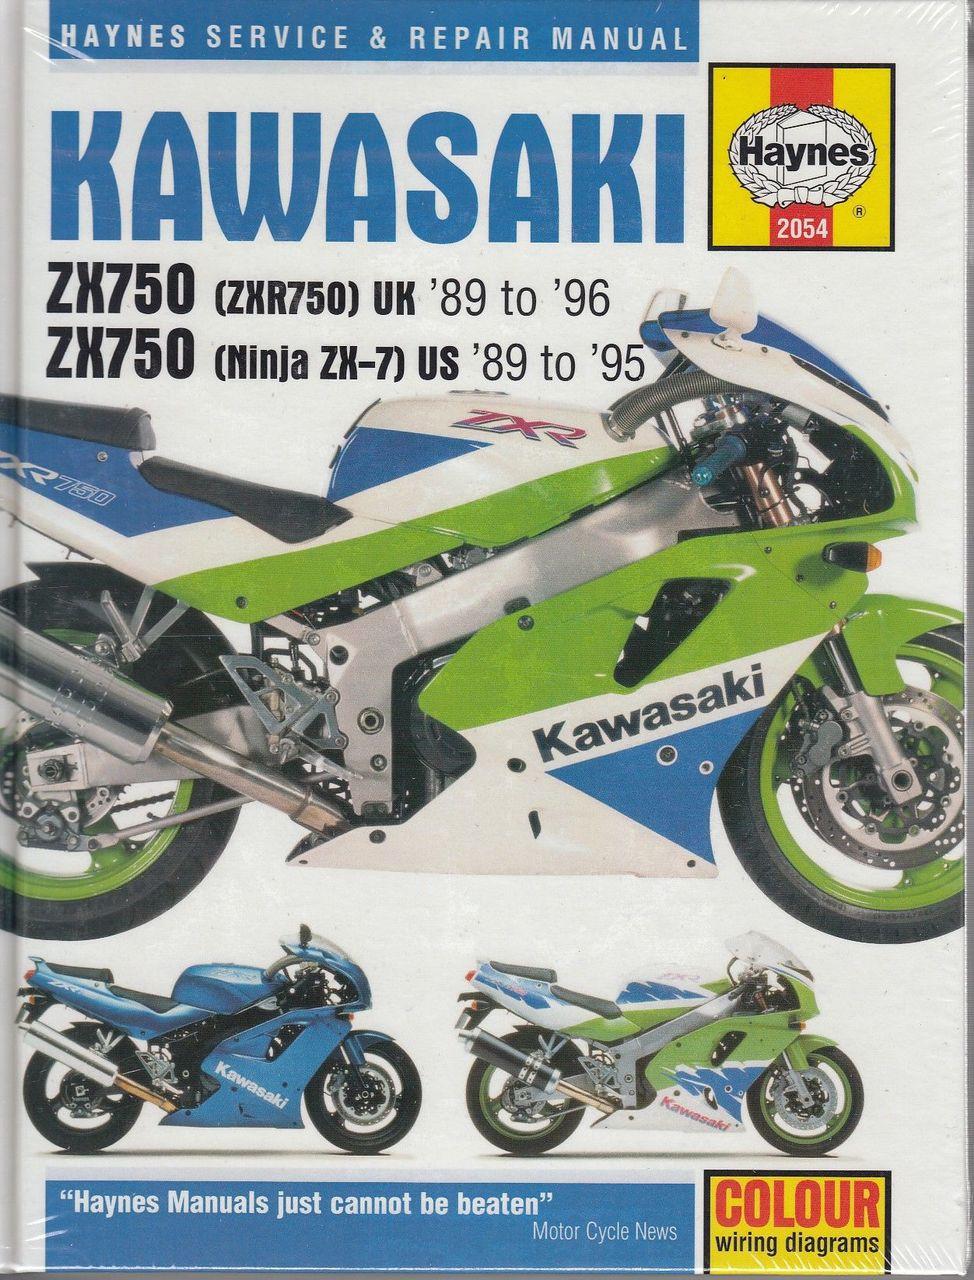 Kawasaki ZX750 (Ninja ZX-7 and ZXR750) Fours 1989 - 1996 Workshop Manual ...